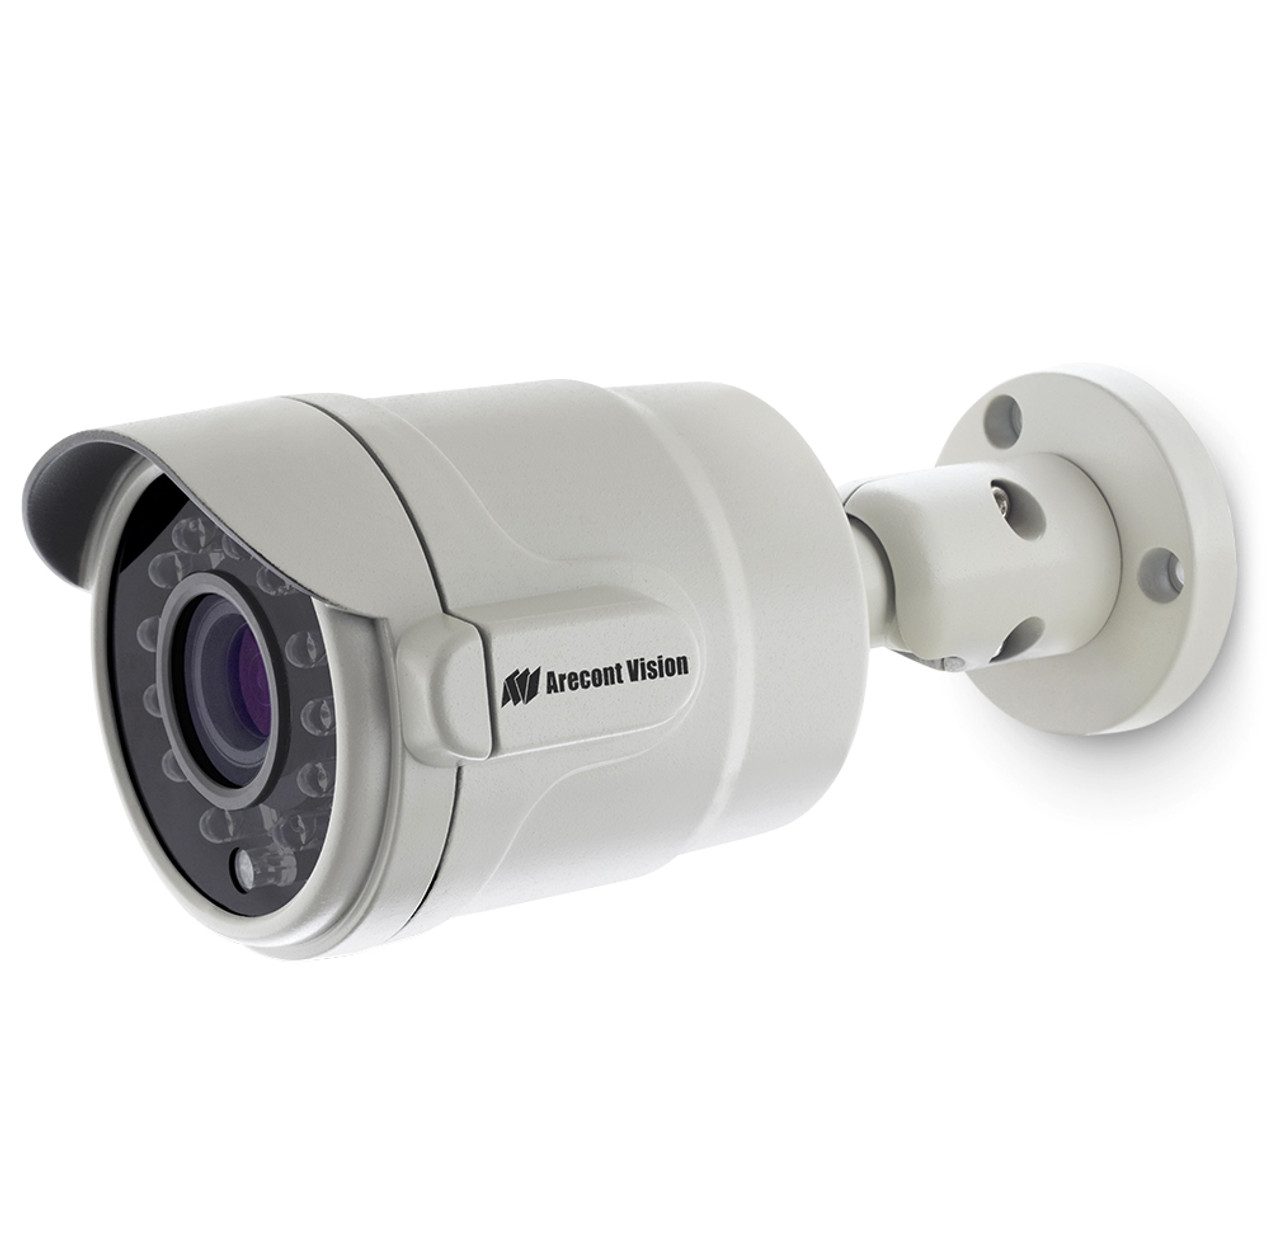 ARECONT VISION AV2225PMIR-SA IP CAMERA TREIBER WINDOWS XP